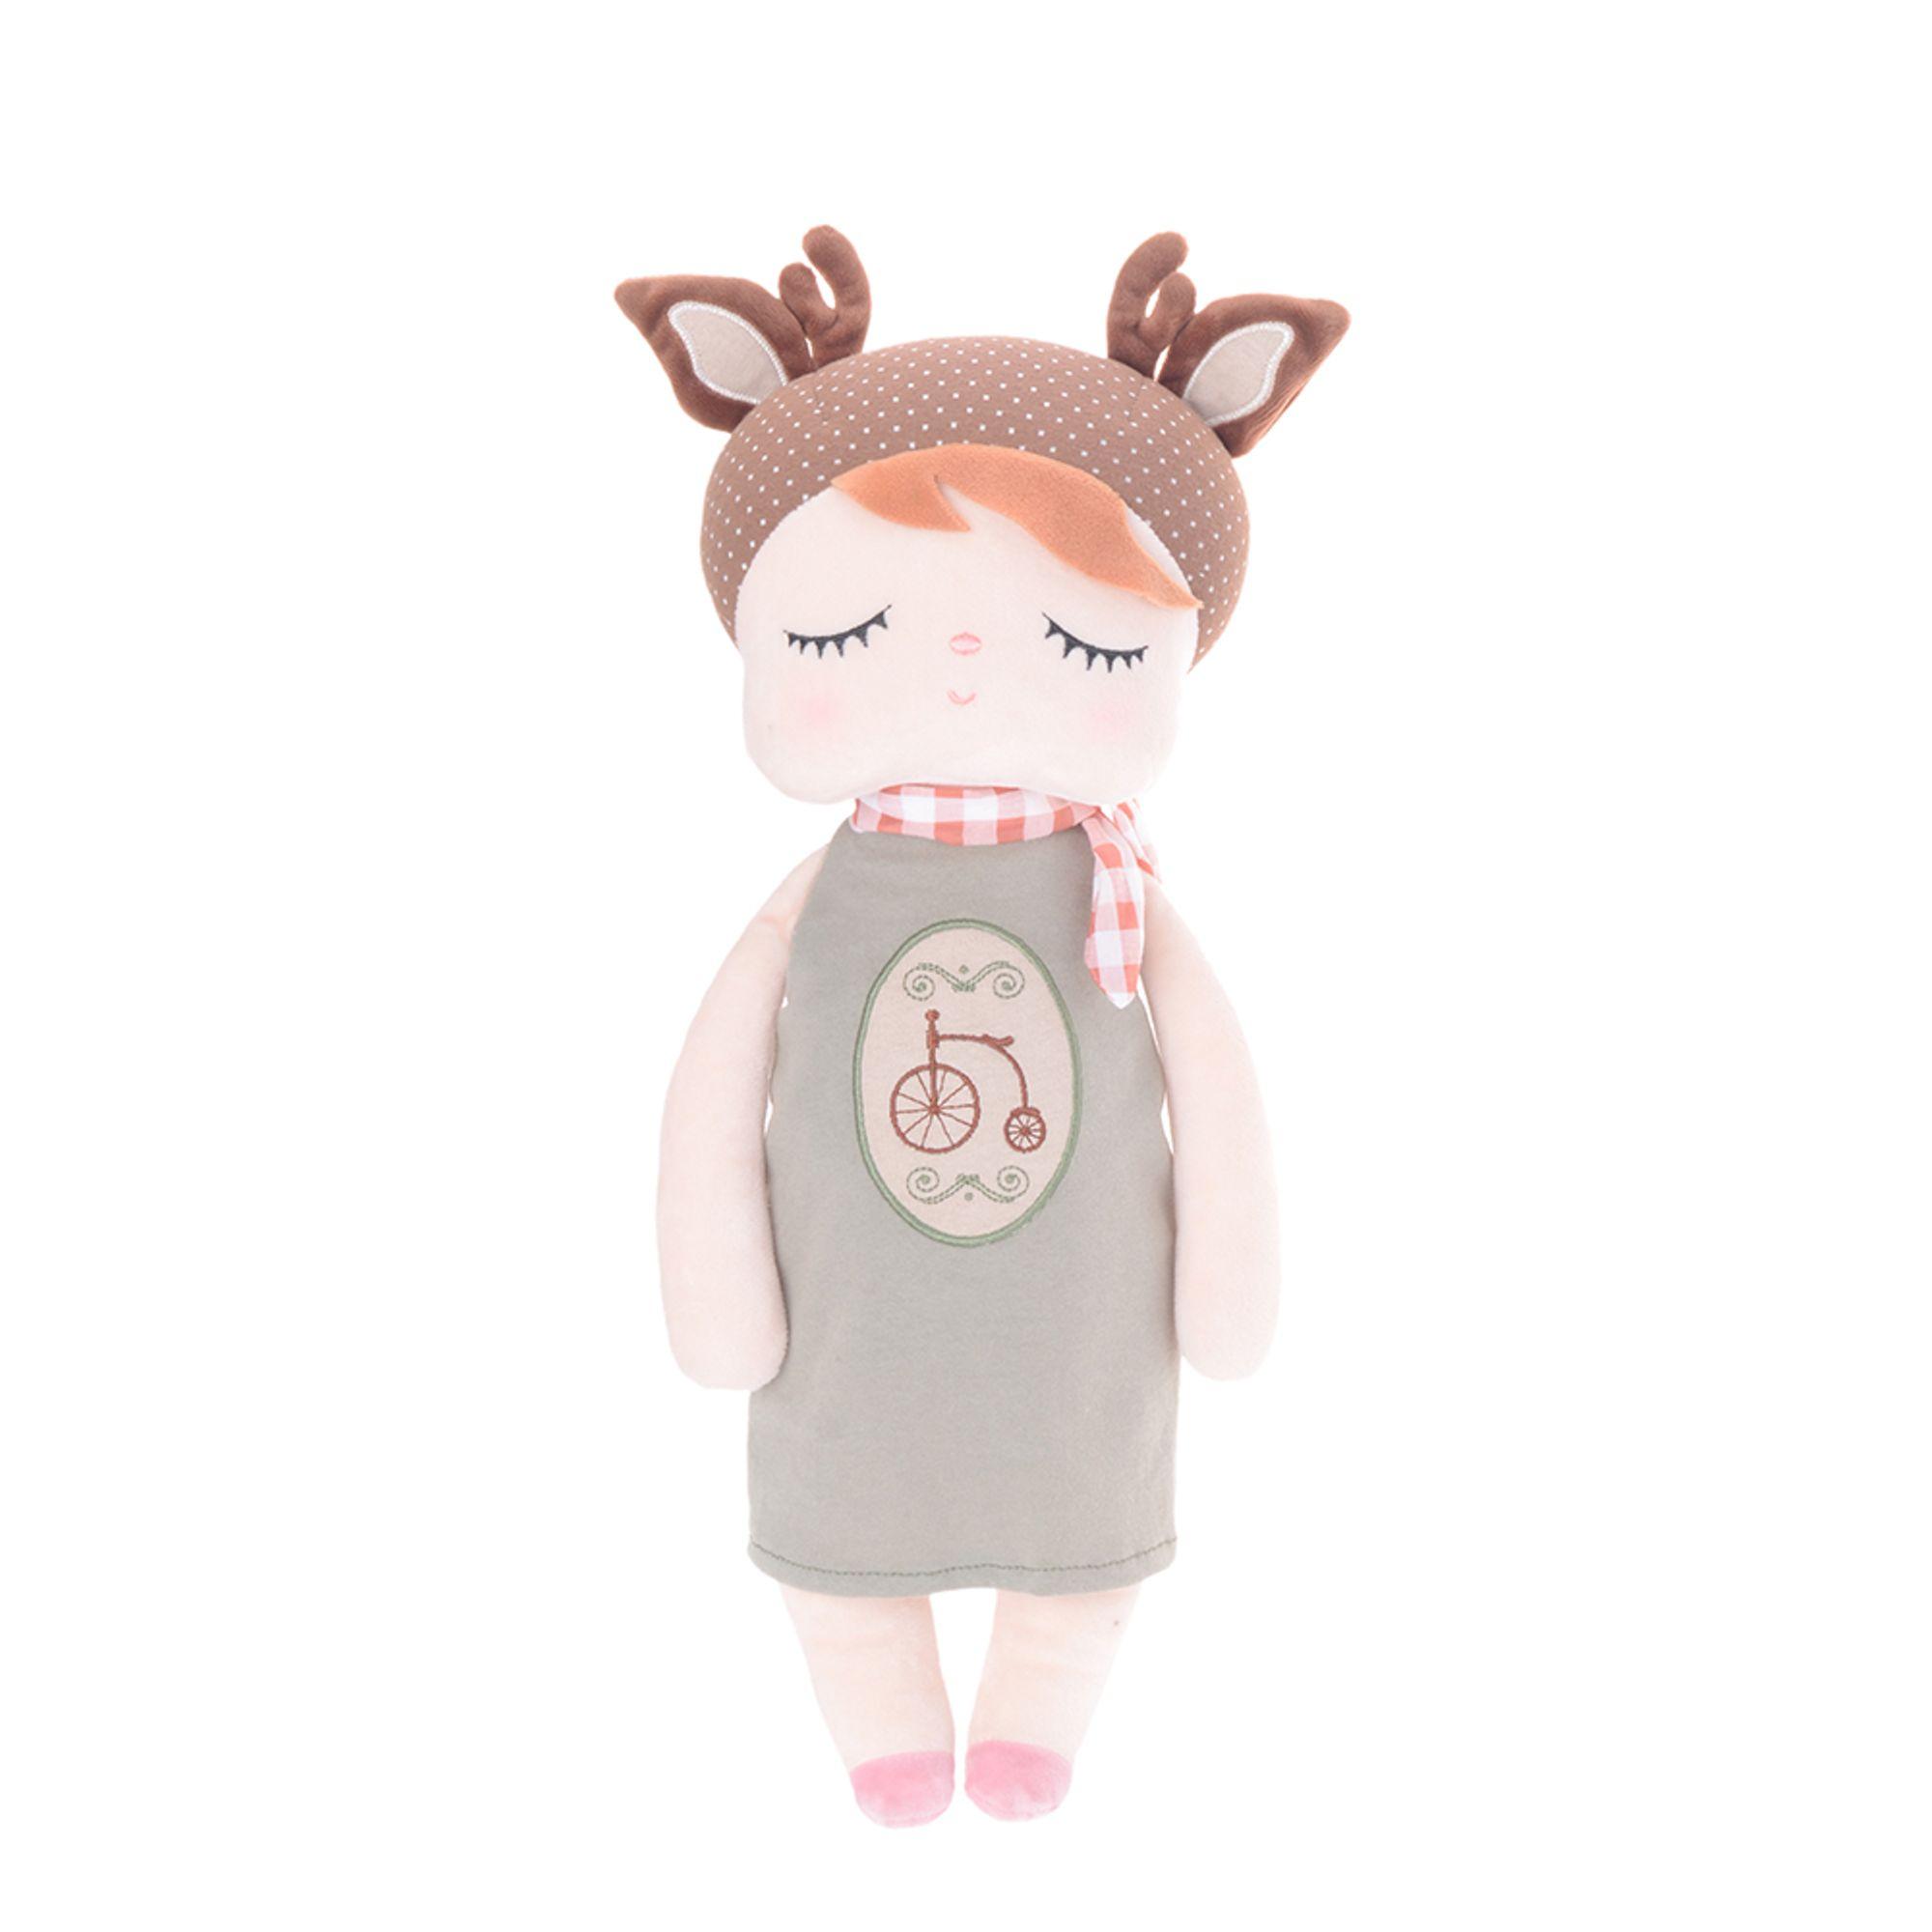 boneca-angela-doceira-retro-deer-marrom-metoo-33-1